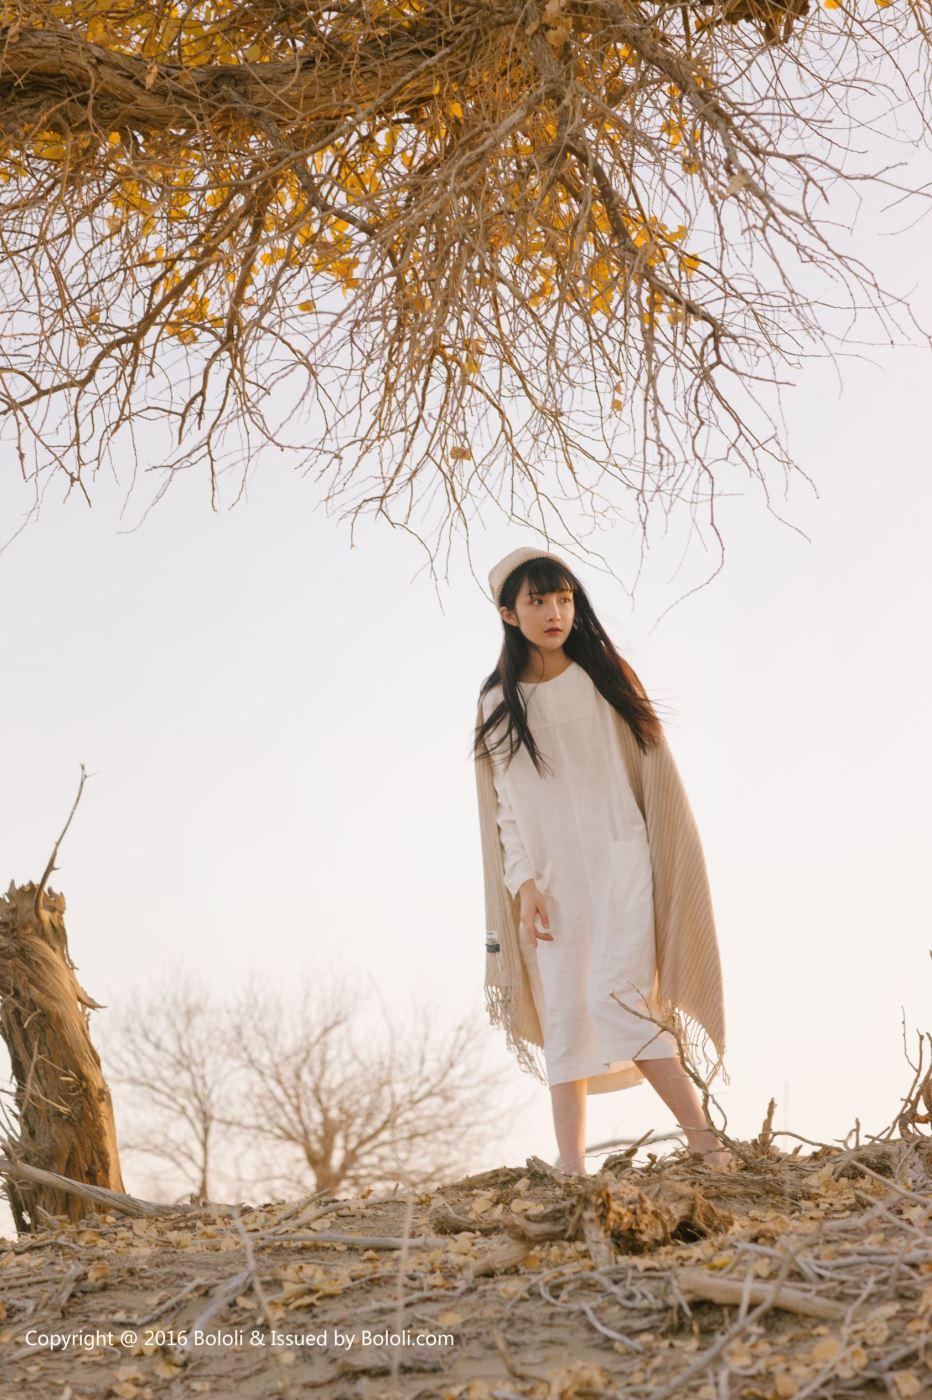 激萌文化网红美女之应沙漠旅拍可爱清纯小仙女写真图片